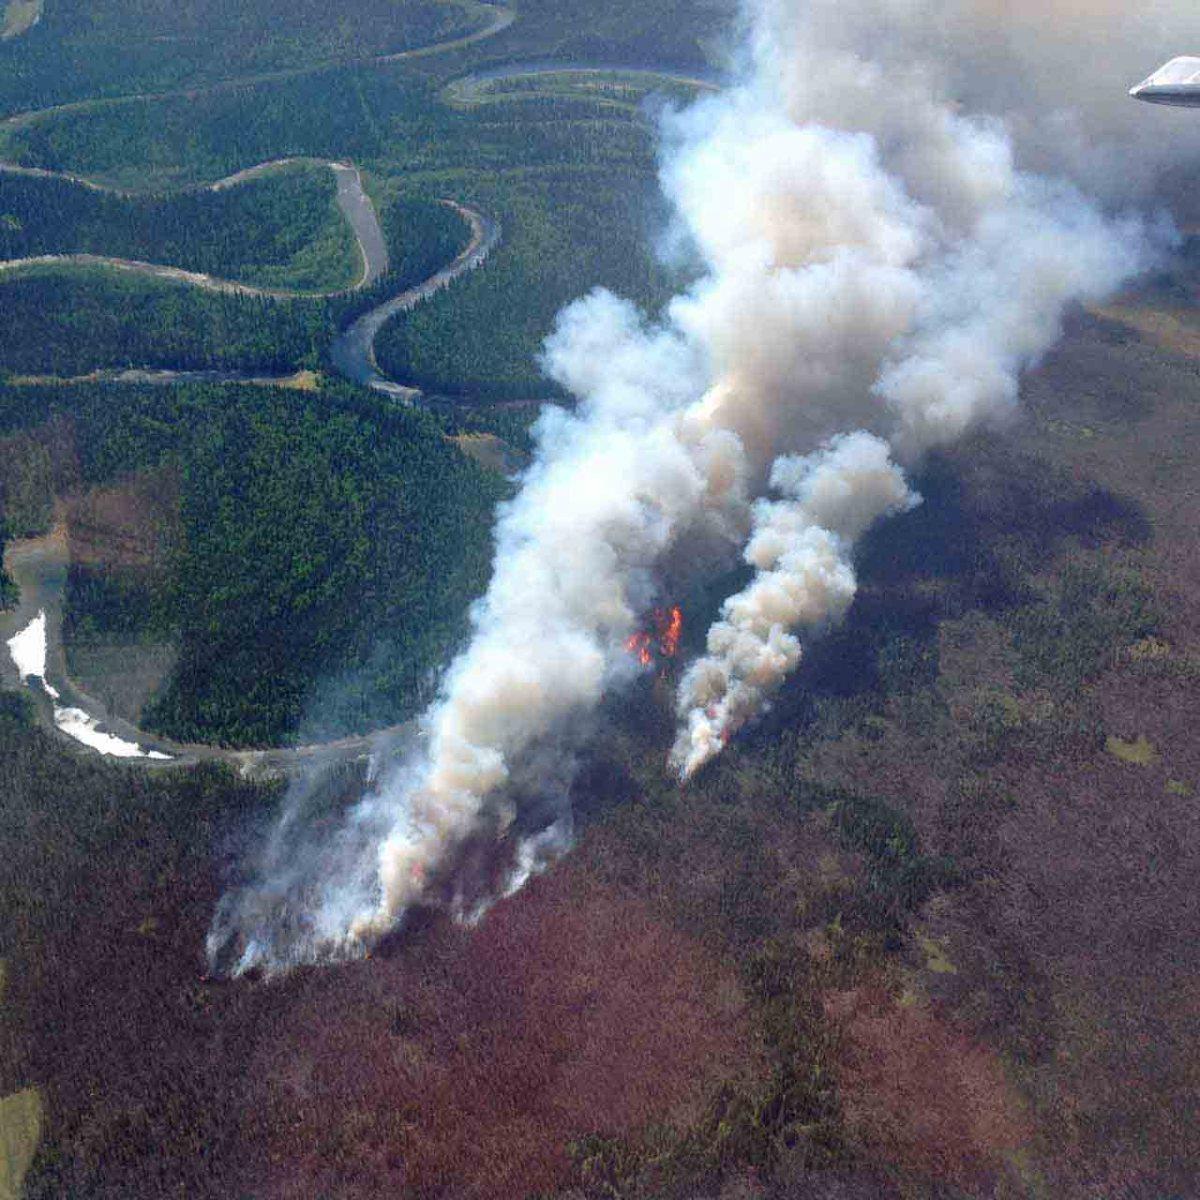 Medfra Fire survives Alaska winter, burns thousands of acres